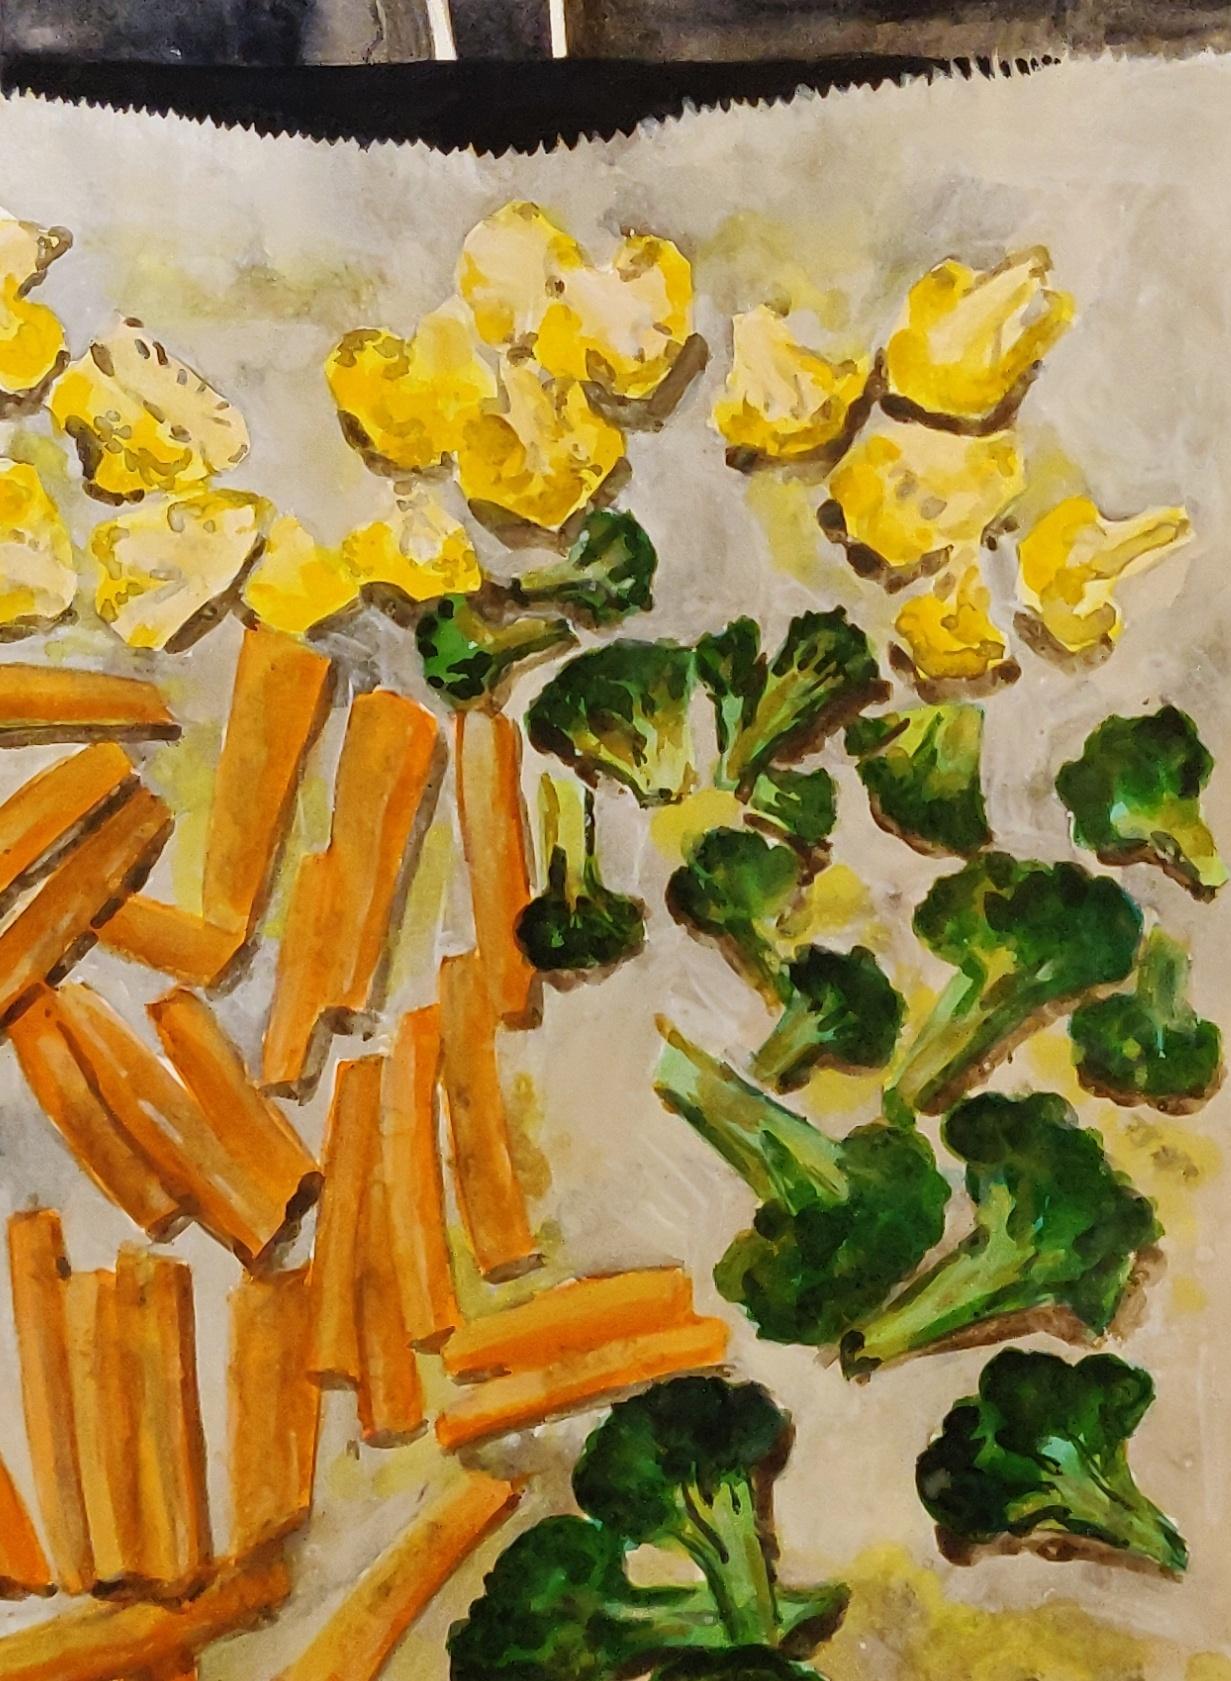 Oven vegetables